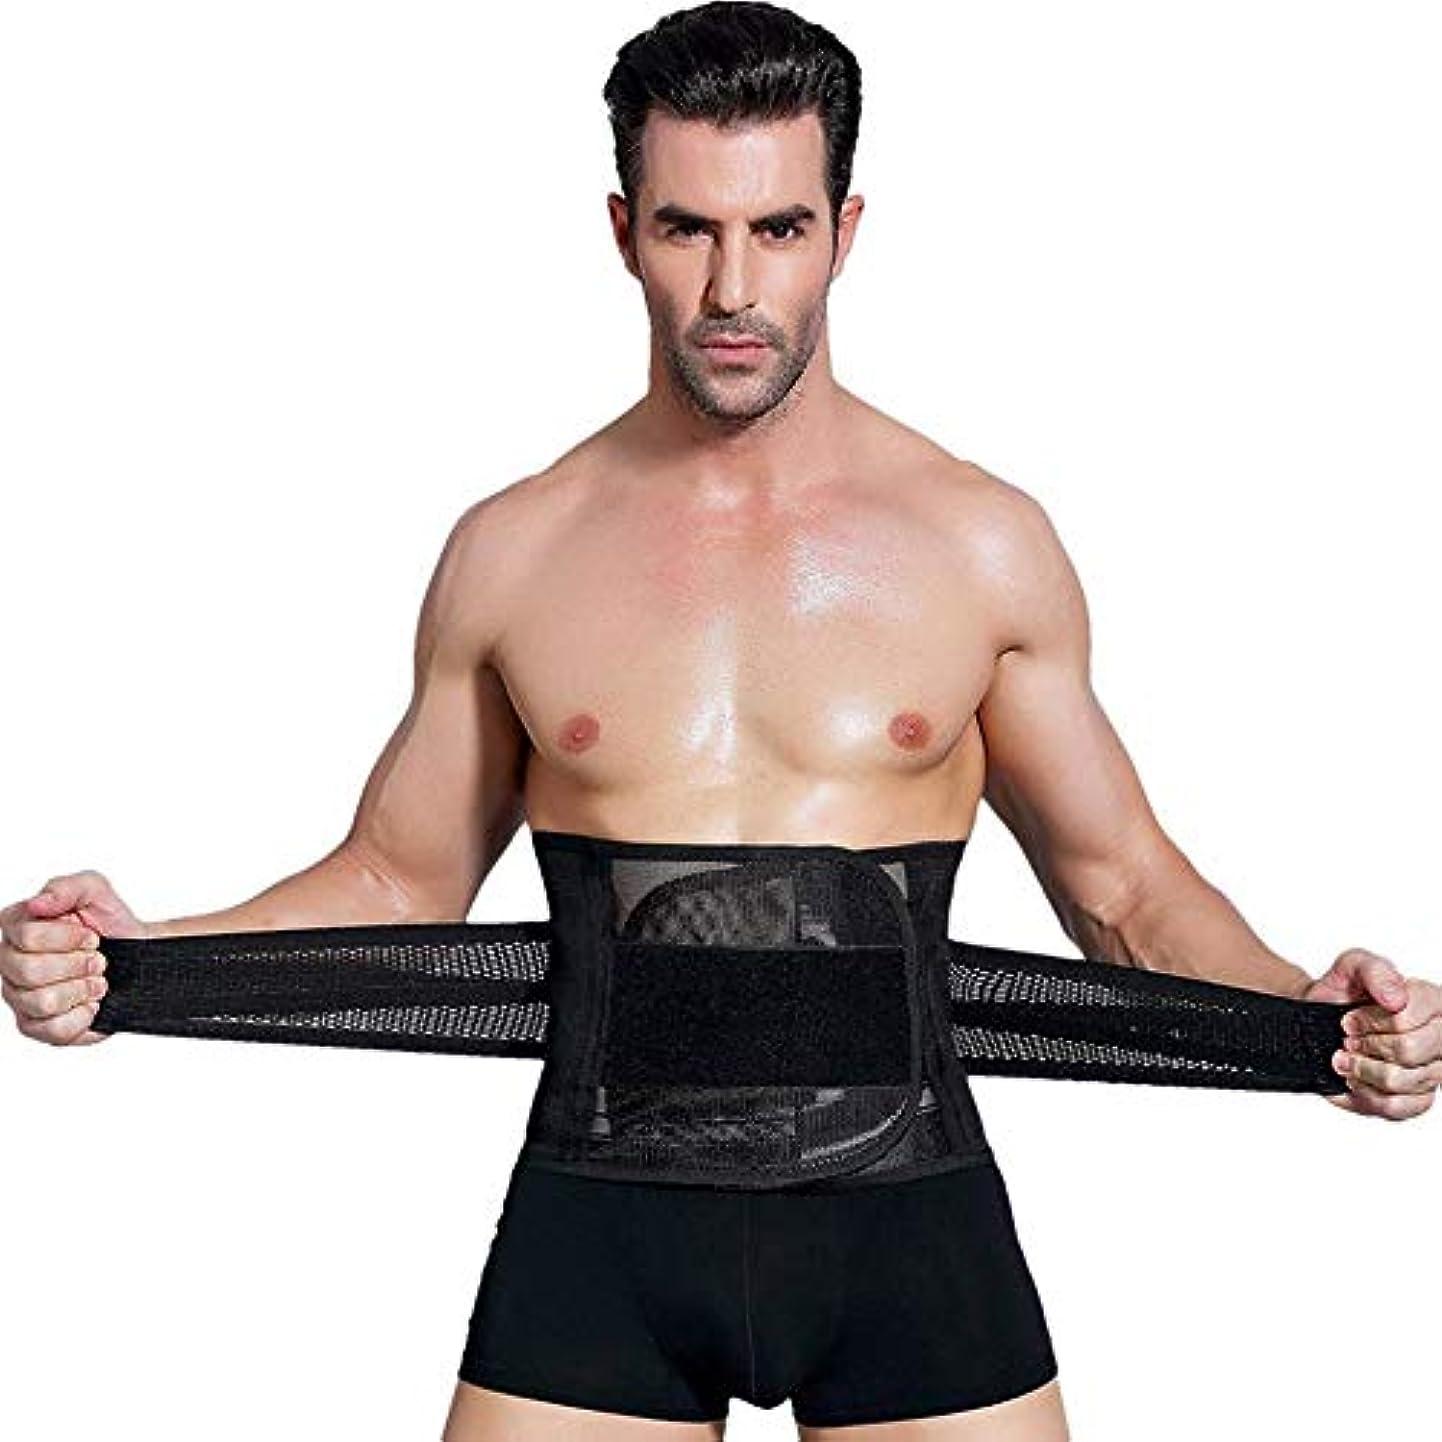 光沢のある指令備品男性ボディシェイパーコルセット腹部おなかコントロールウエストトレーナーニッパー脂肪燃焼ガードル痩身腹ベルト用男性 - ブラックXXL